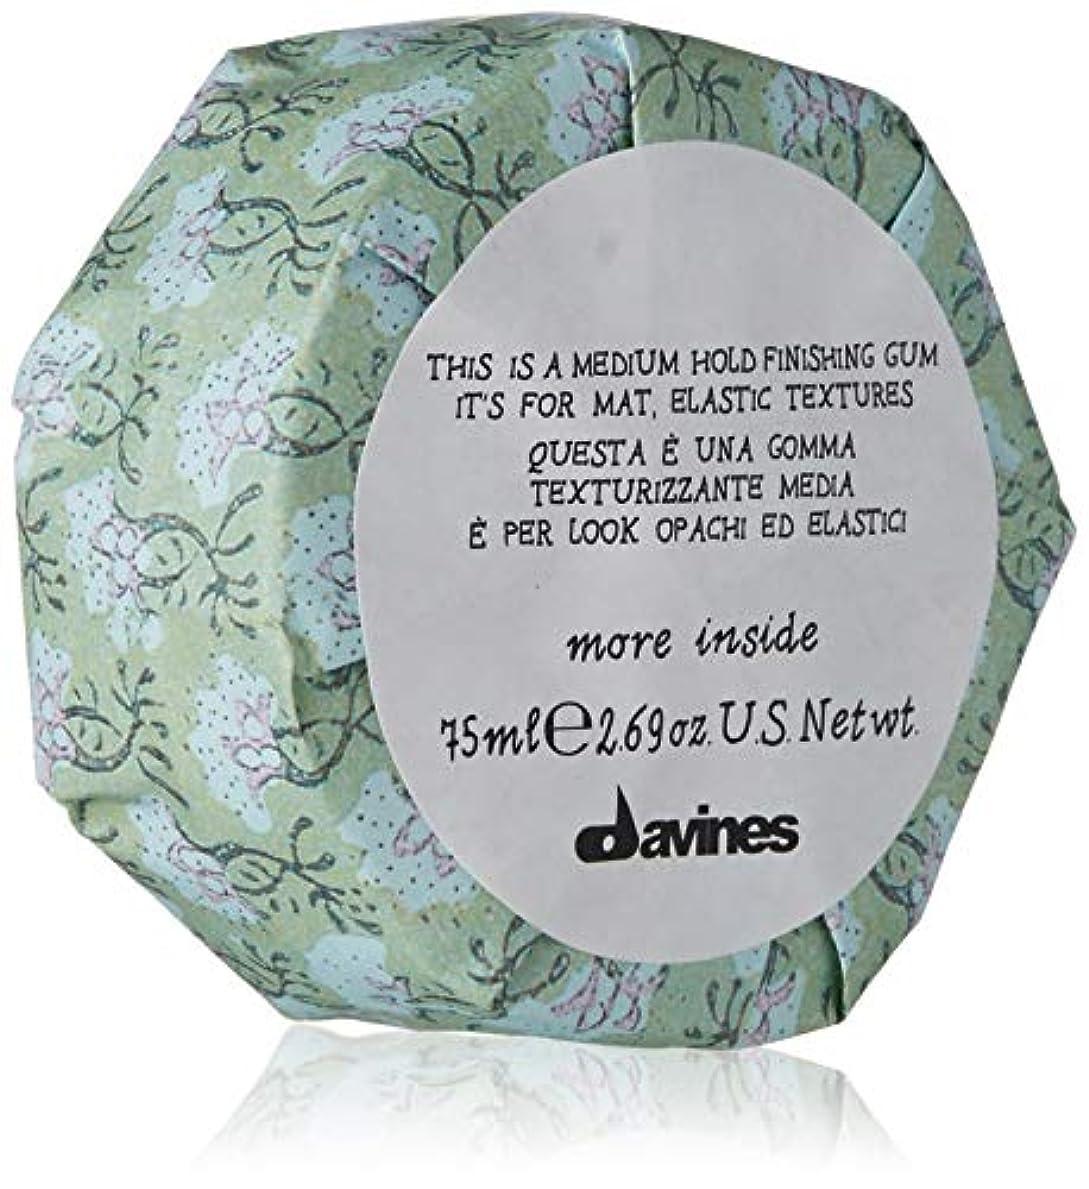 完全に乾く結晶連鎖ダヴィネス More Inside This Is A Medium Hold Finishing Gum (For Mat, Elastic Textures) 75ml/2.69oz並行輸入品